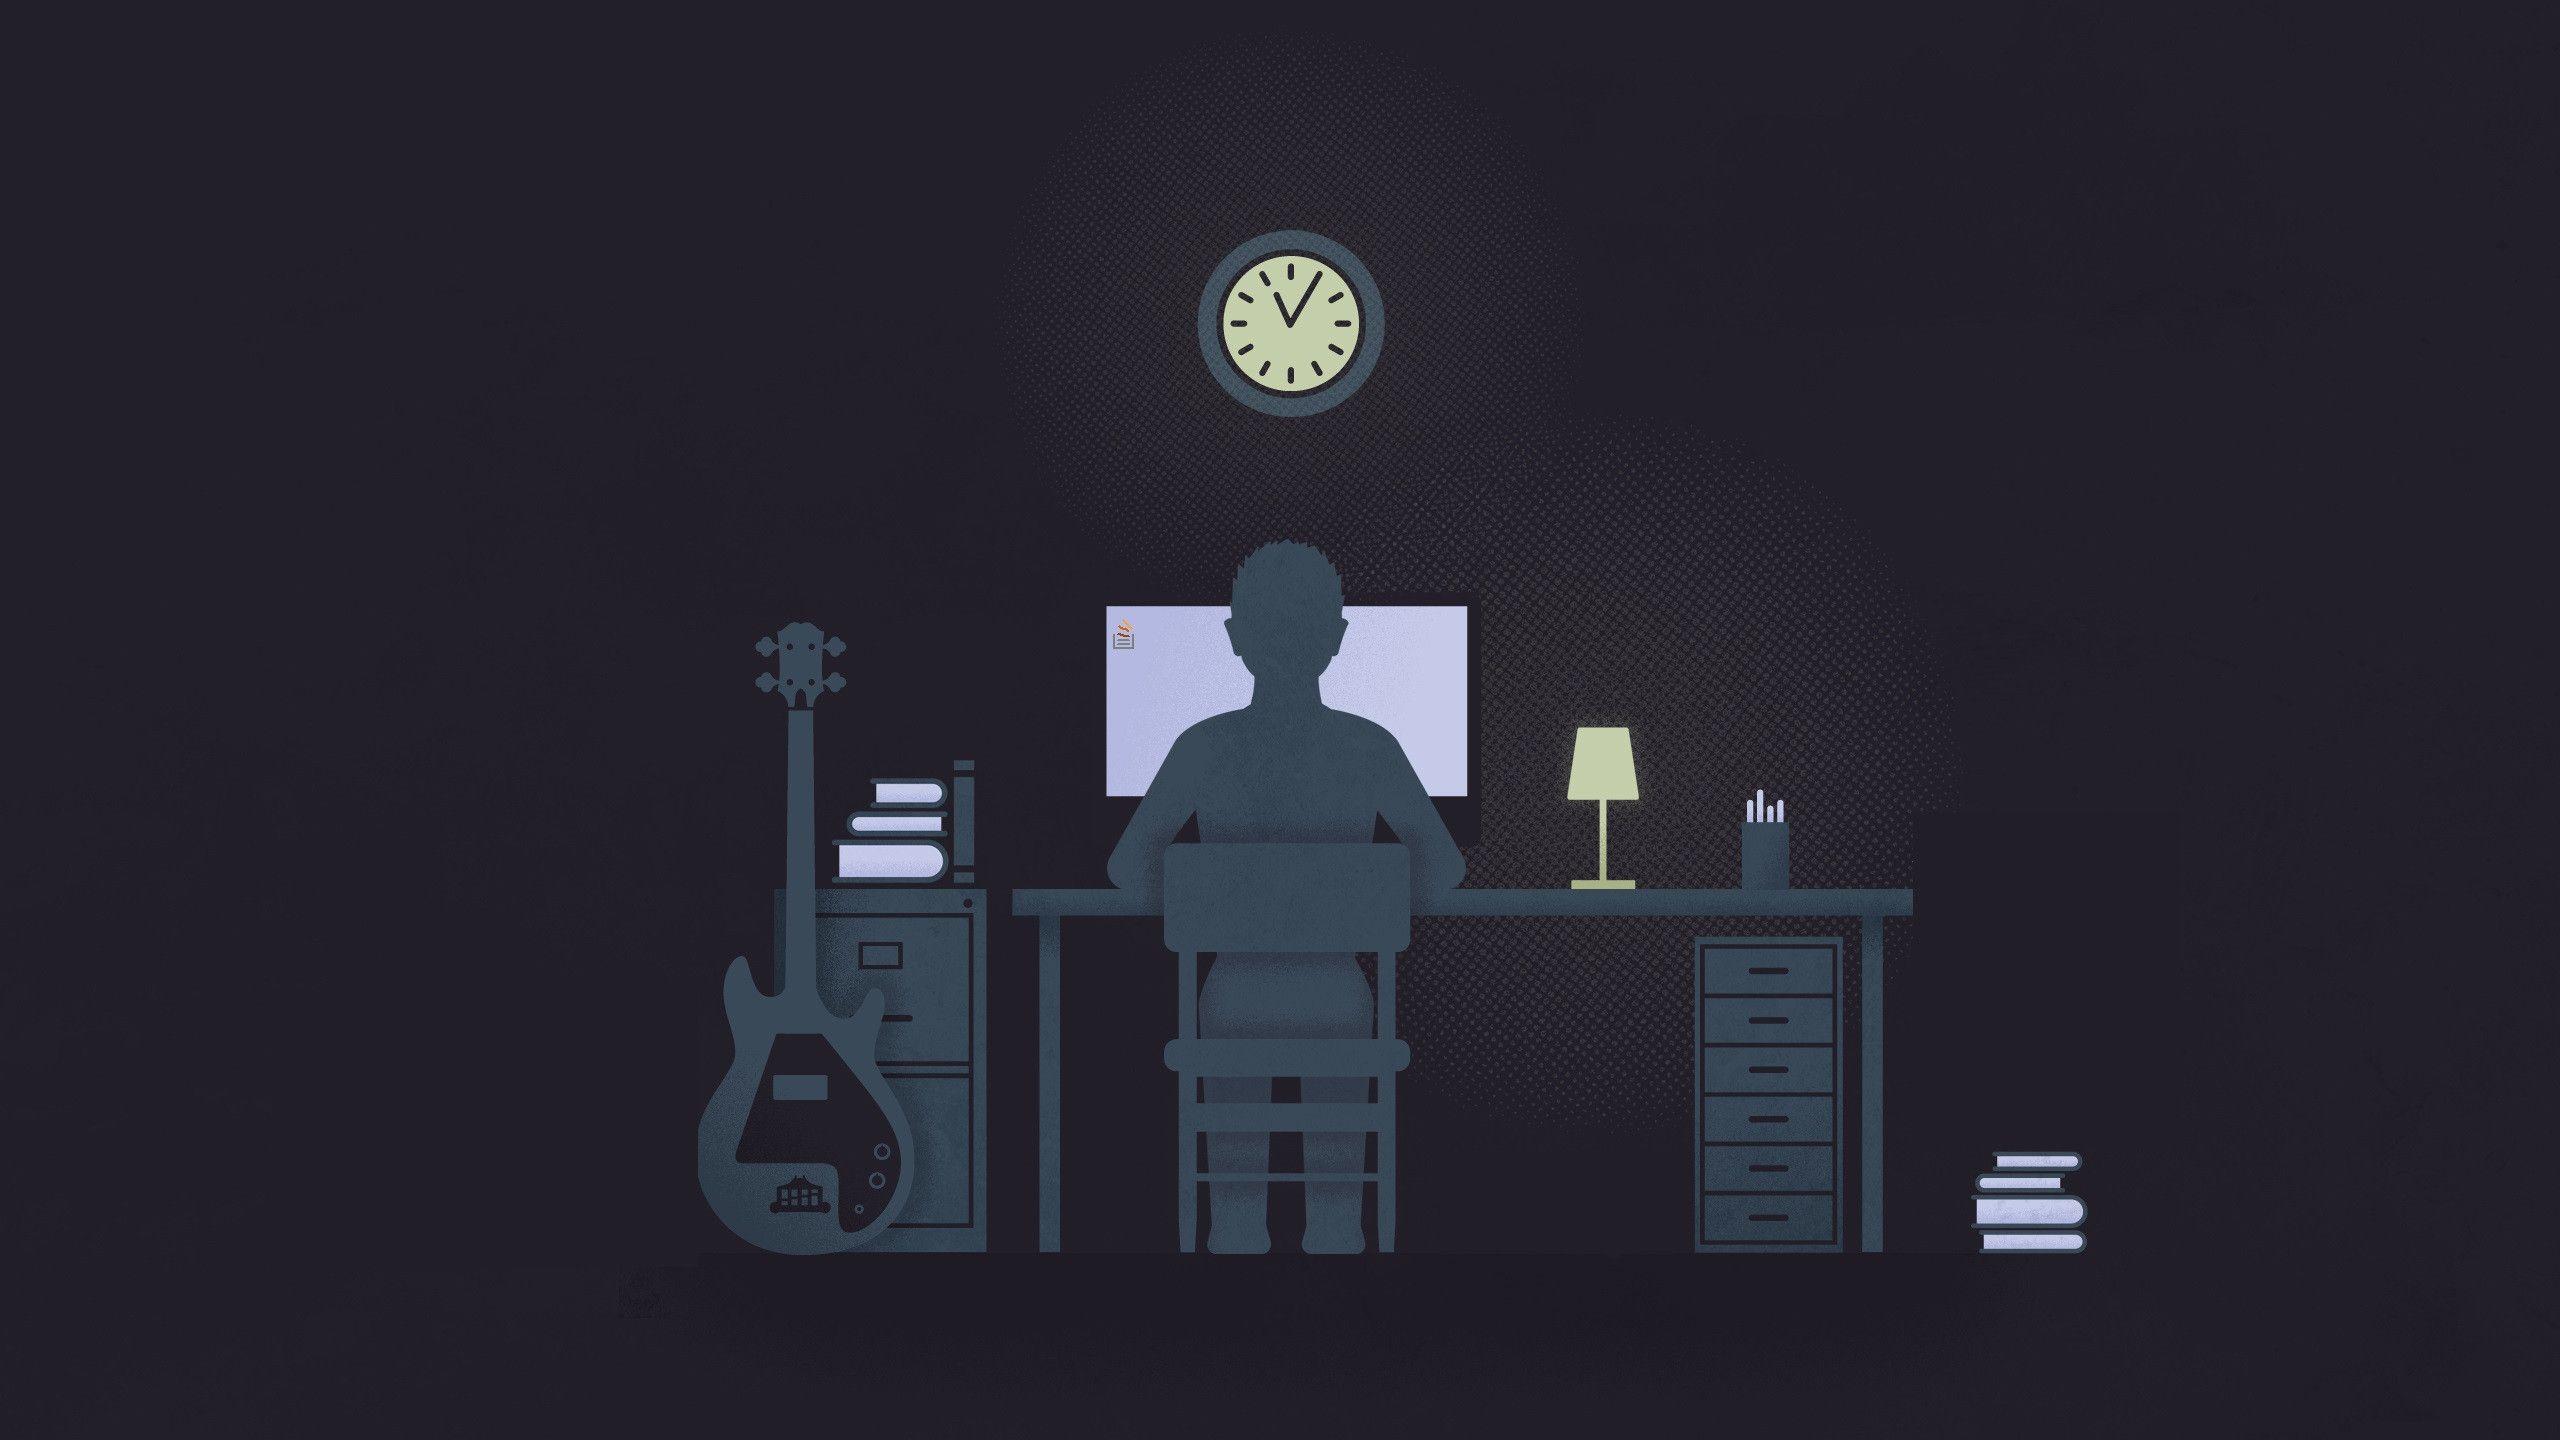 دورهی آموزشی آسان و مناسبی برای مبتدیها است که توسط گوگل تهیه شده و هدفش آموزش سریع مبانی و اصول برنامهنویسی اندروید است.